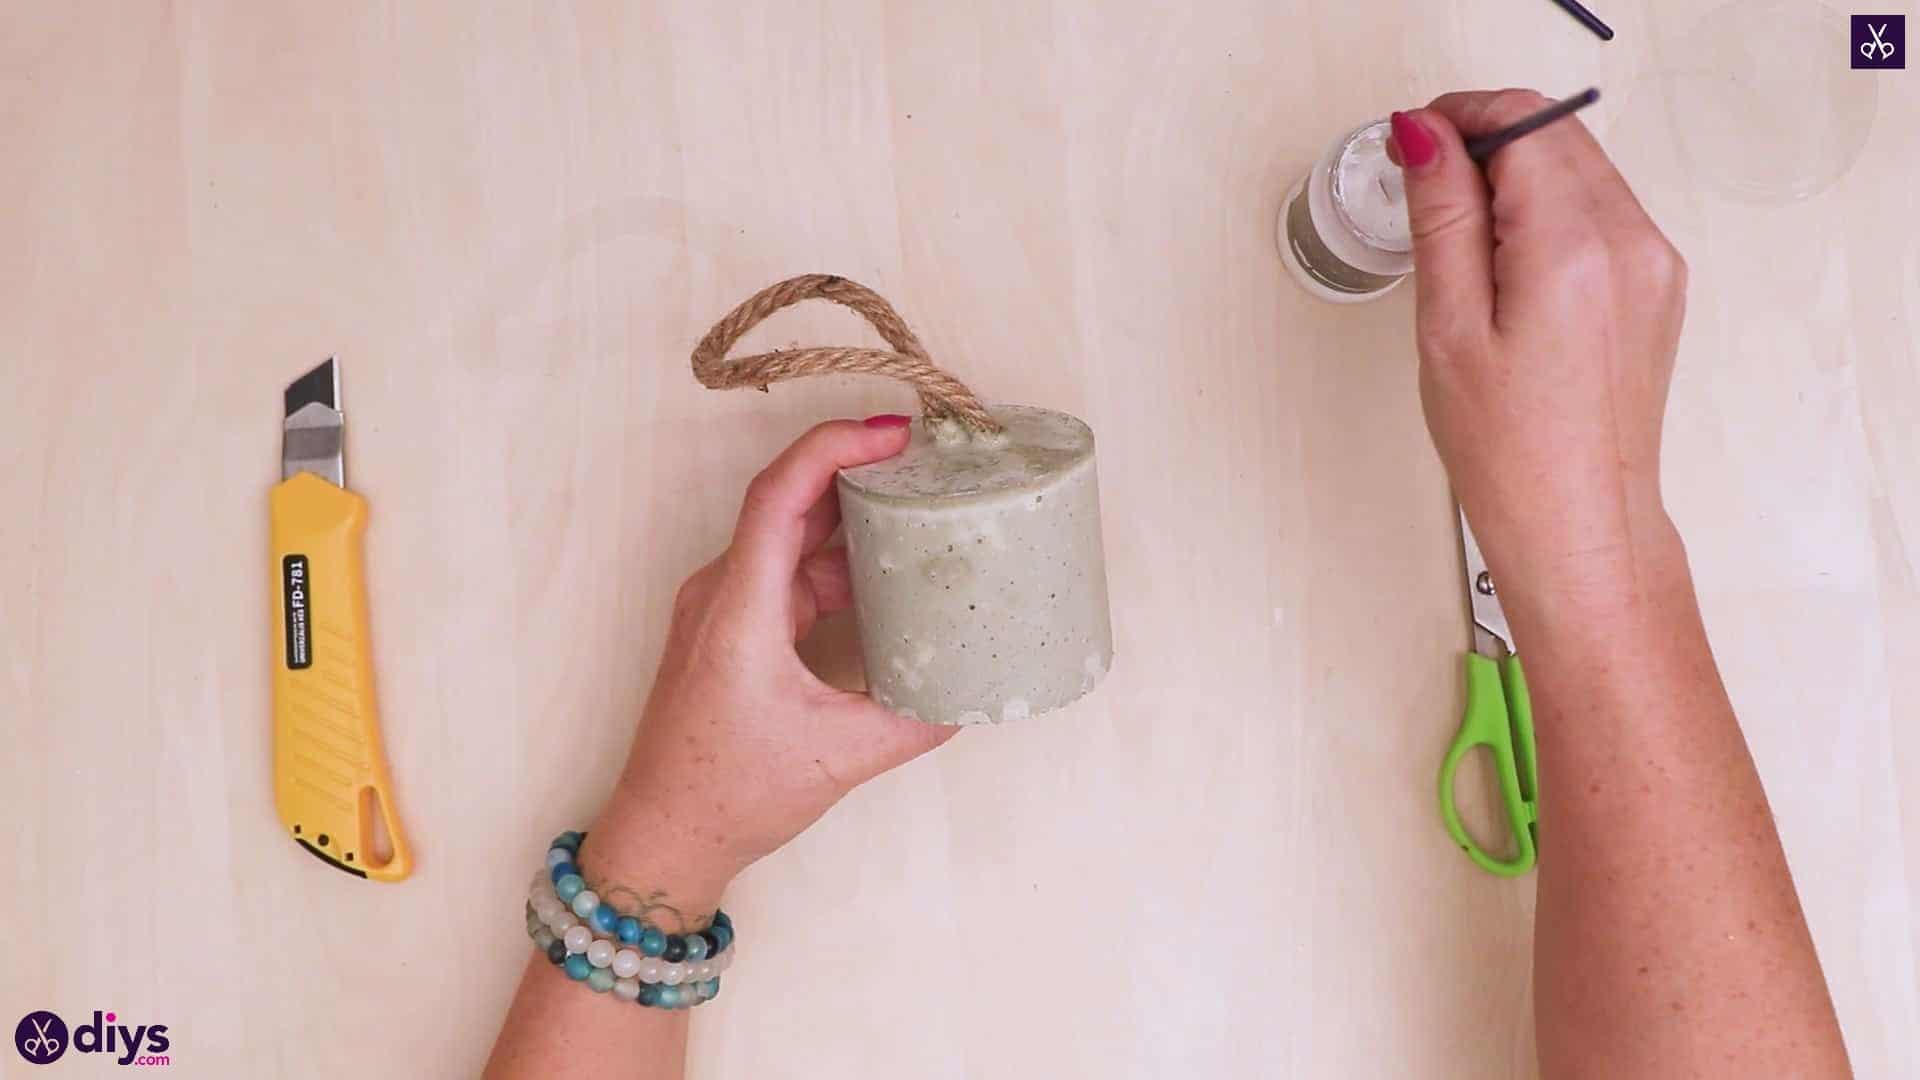 Diy concrete door stopper sandpaper